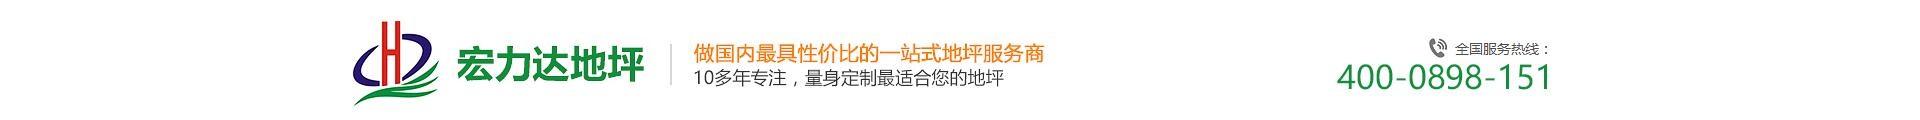 海南宏力達裝飾工程有限公司